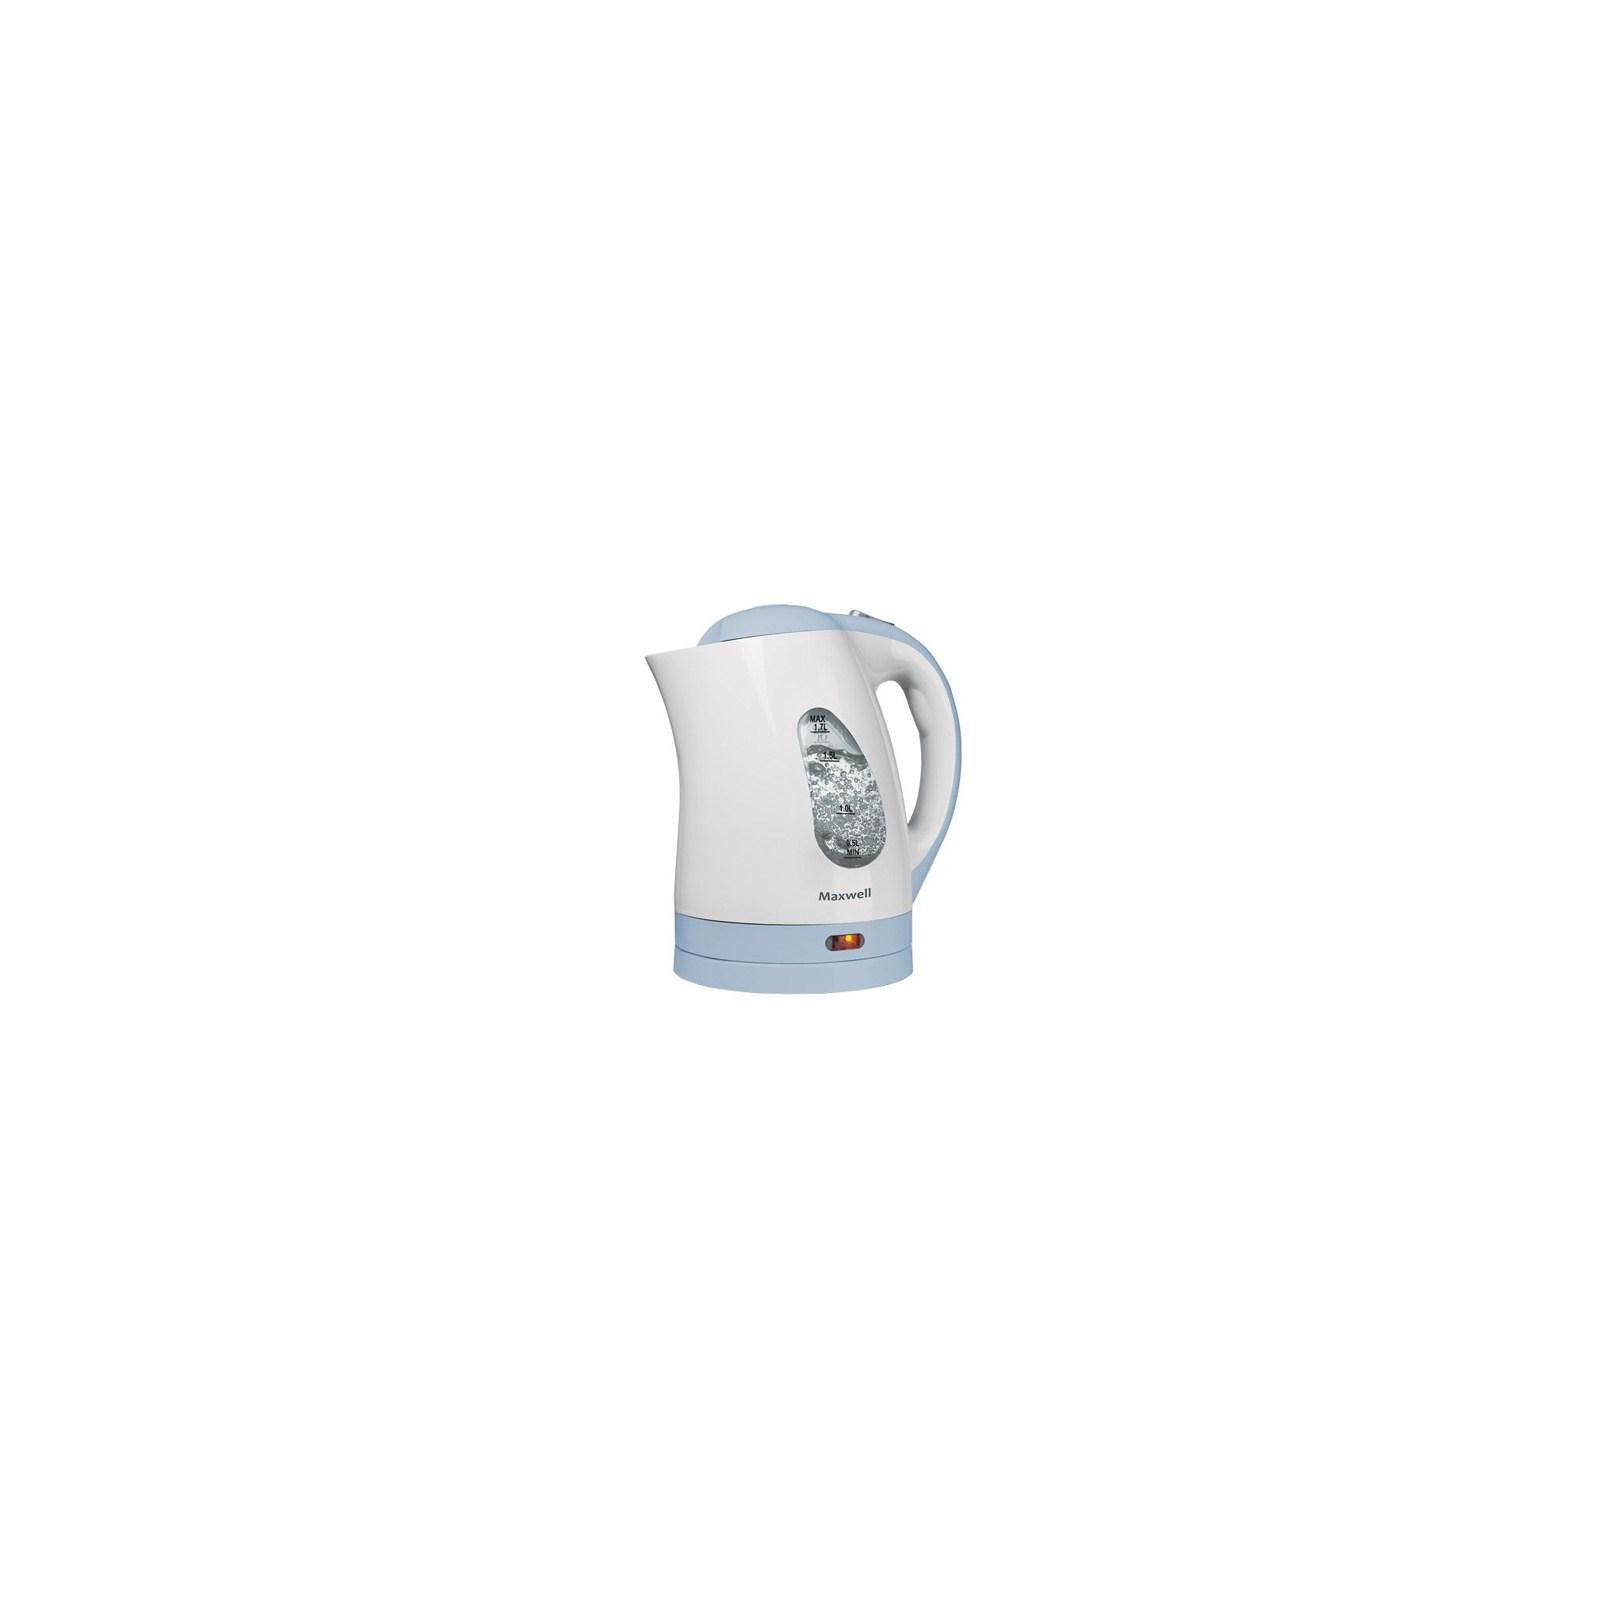 Электрочайник MAXWELL MW 1014 (MW-1014)